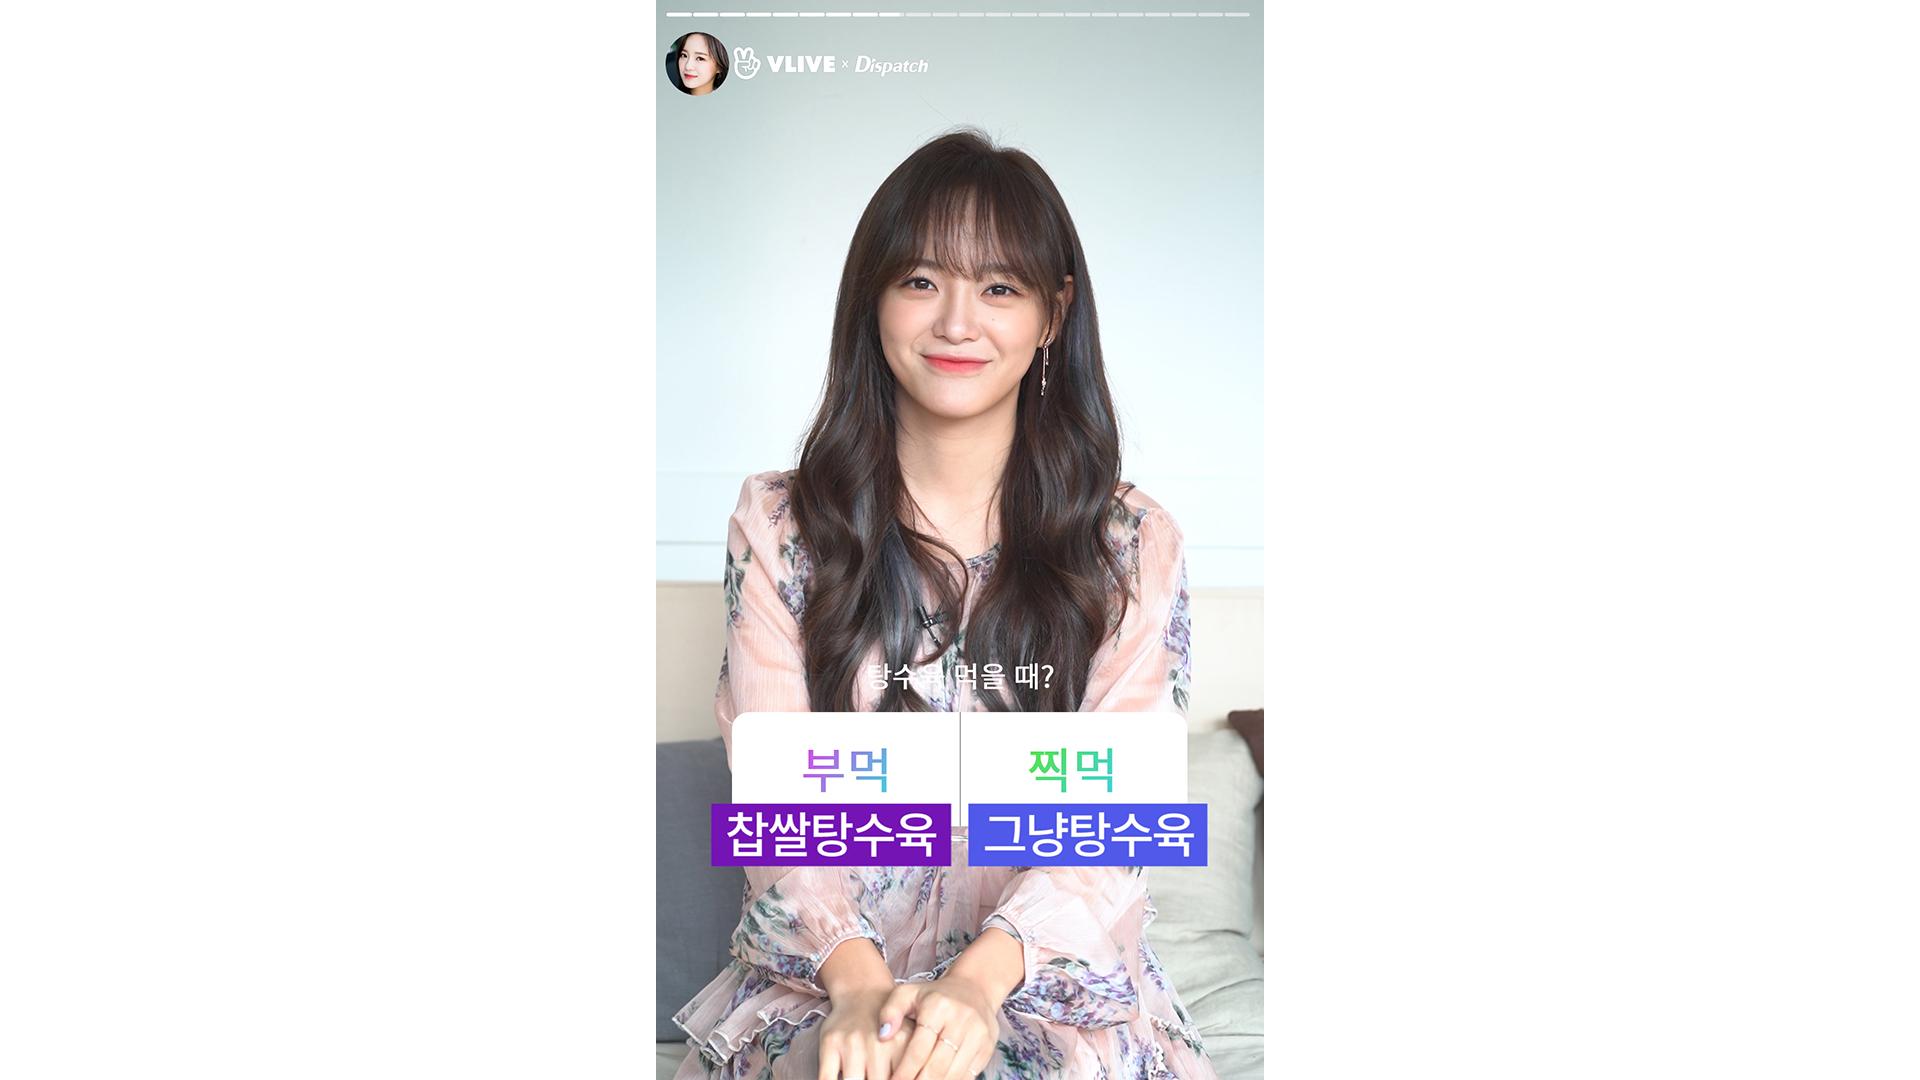 """[ⓓxV] """"828색 매력, 세정 미니 인터뷰"""" (세정 : 구구단)"""